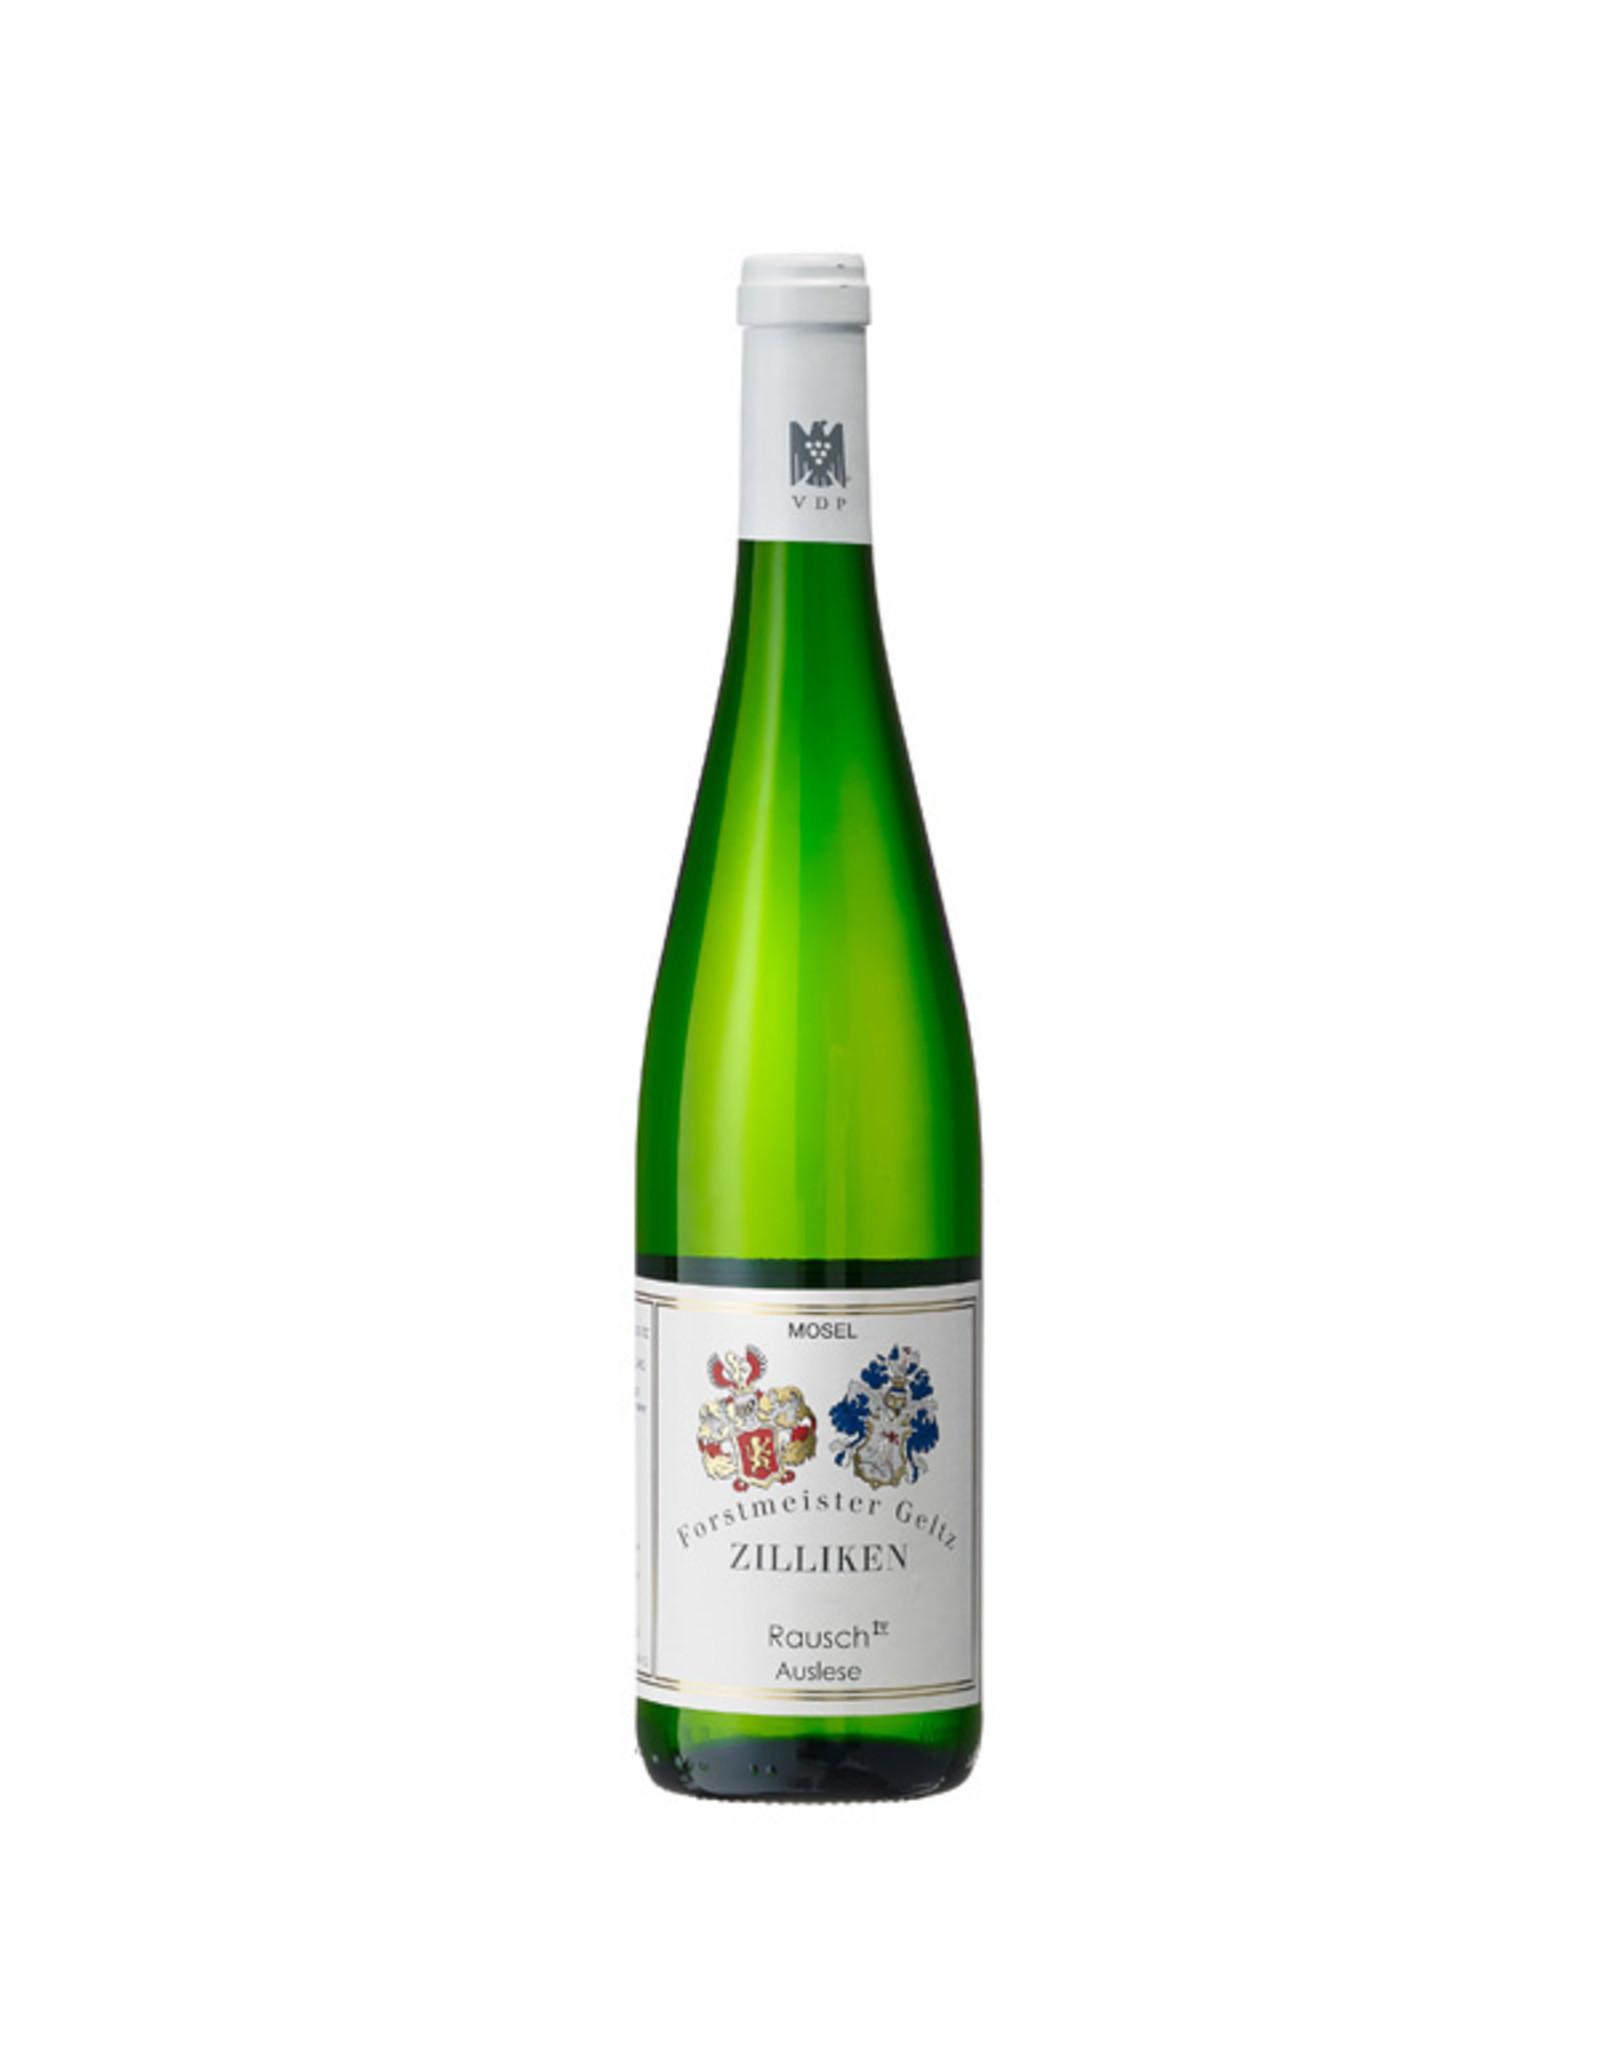 Weingut Forstmeister Geltz Zilliken, Saarburg Zilliken Rausch Auslese 2016 0.75